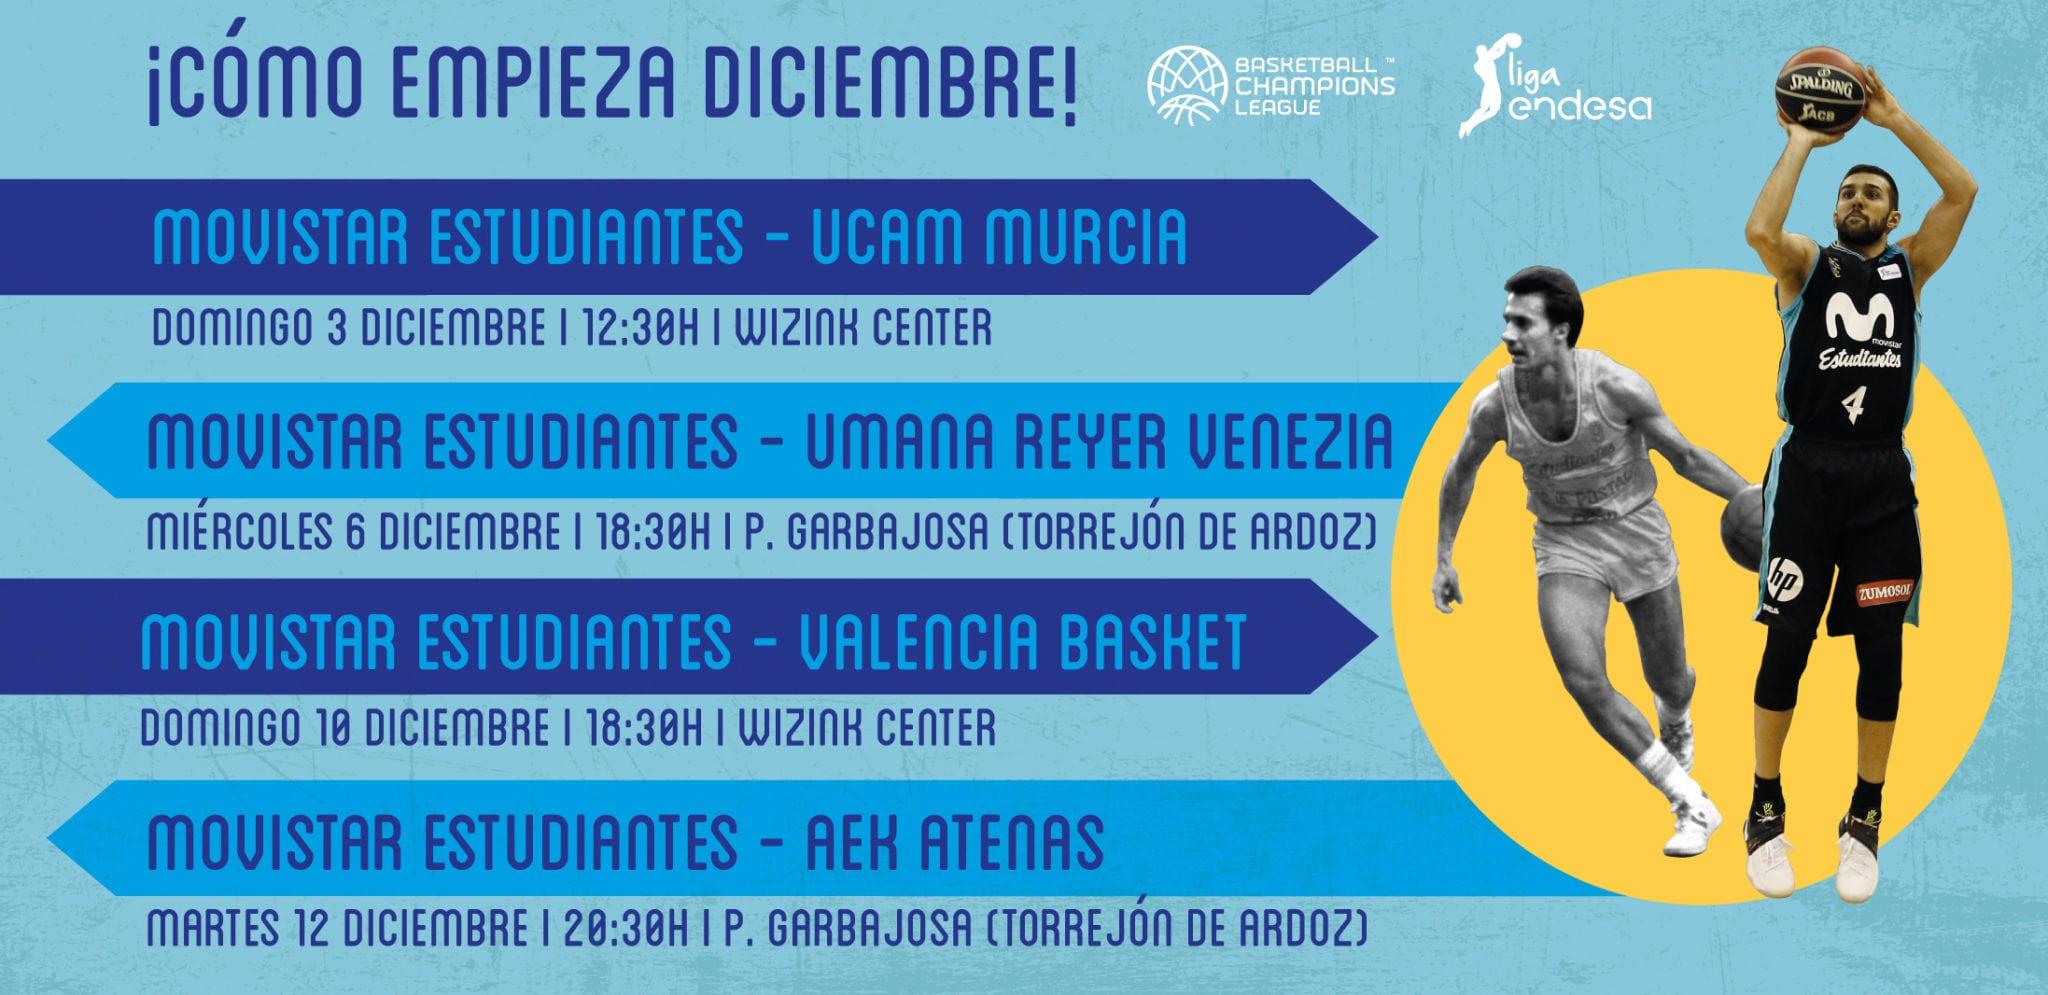 8 partidos , entre Liga Endesa, Champions y Liga Día, como locales en diciembre